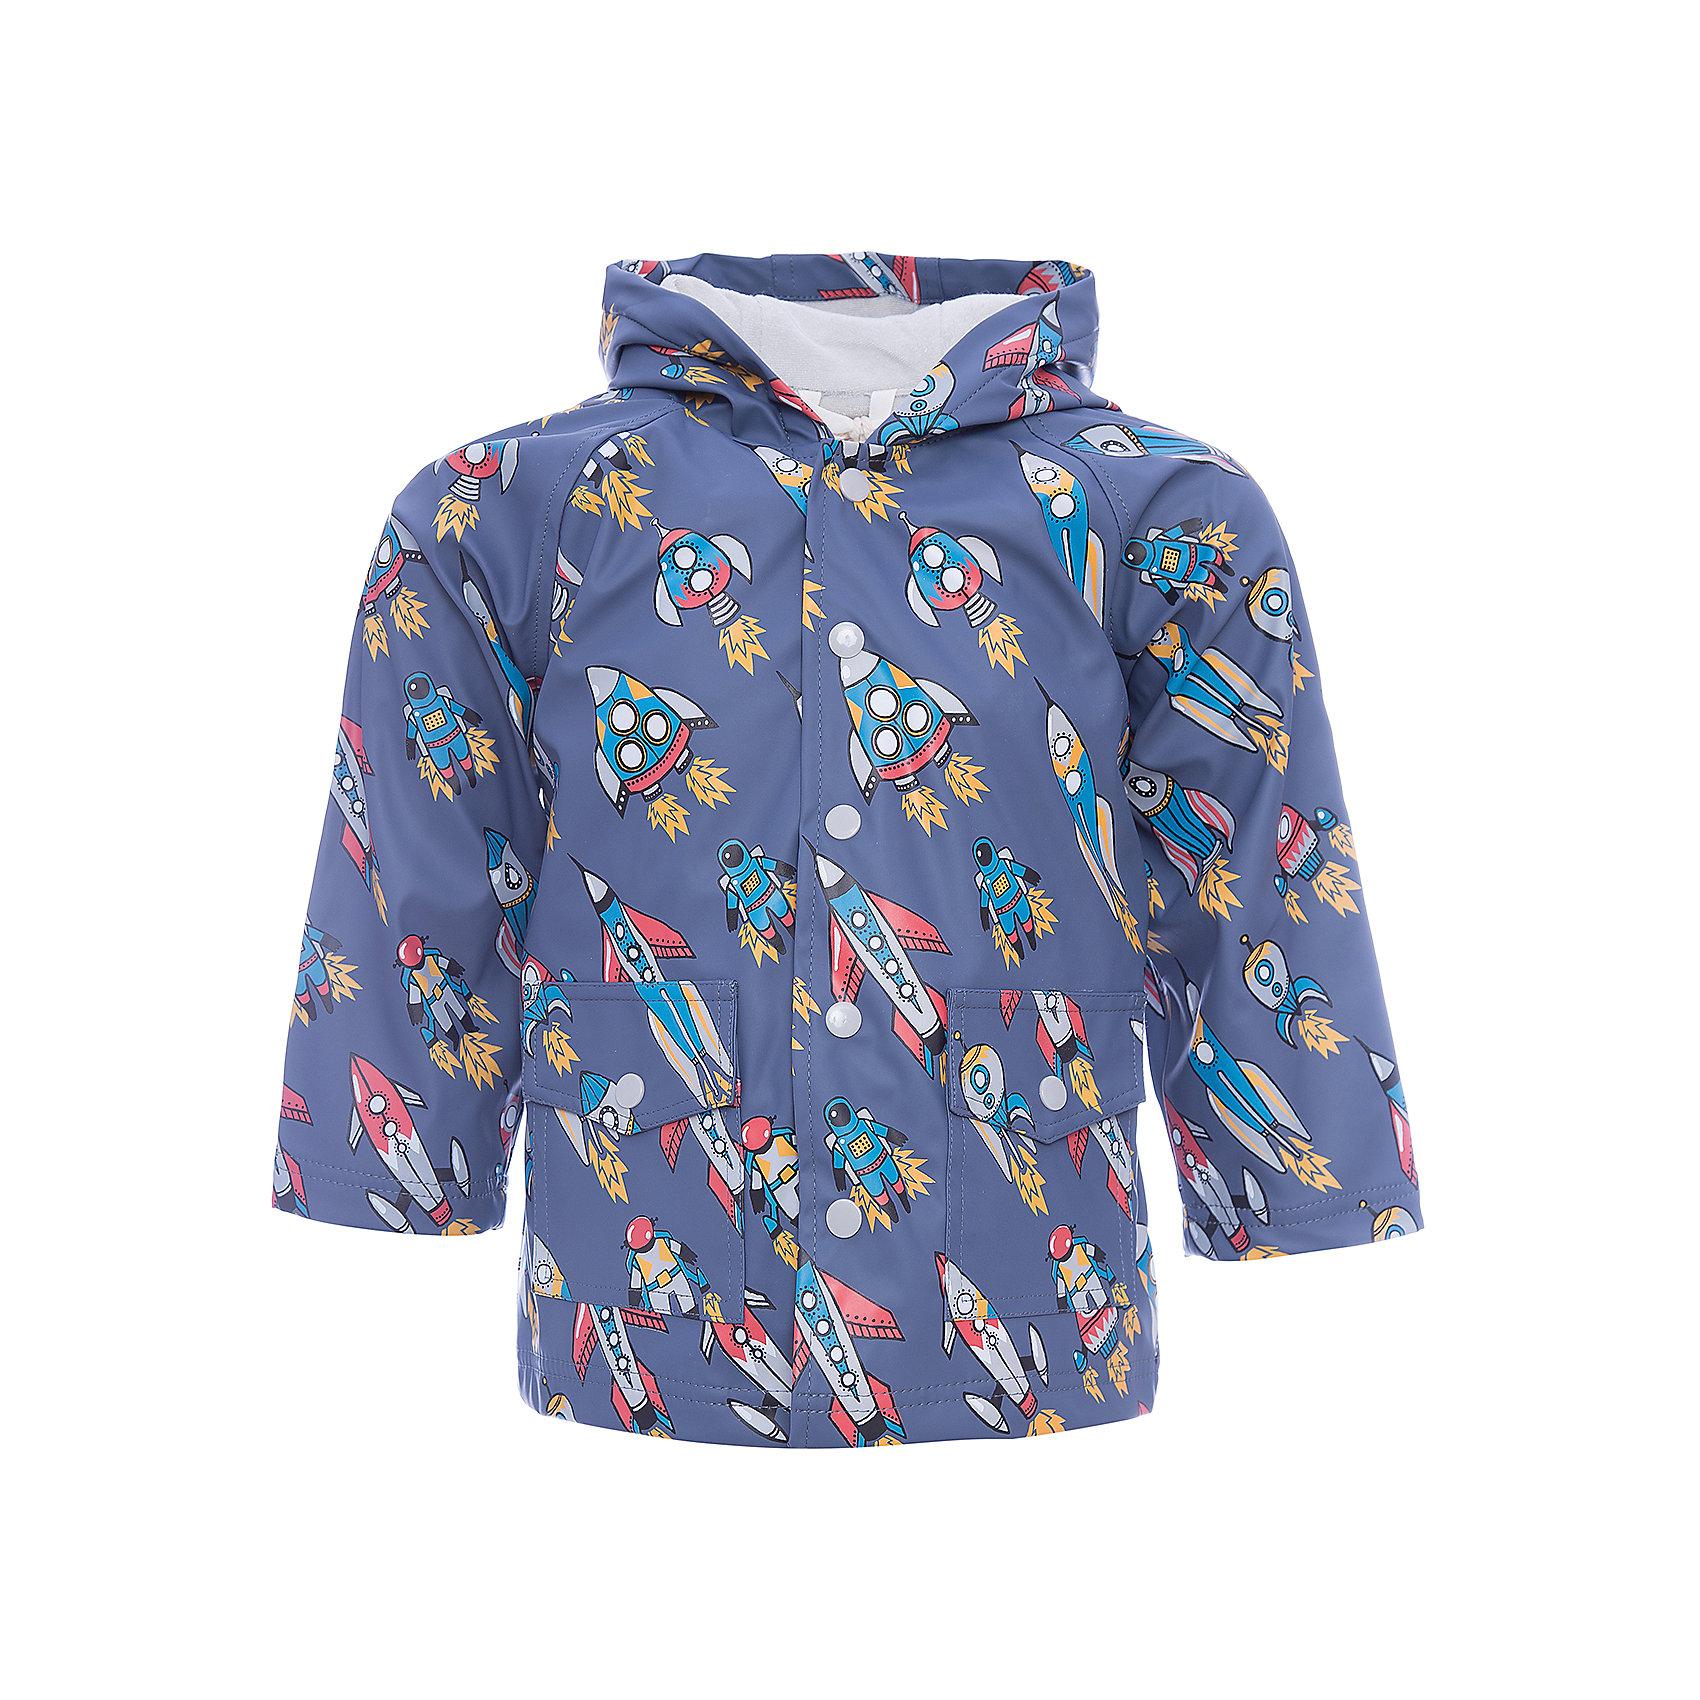 Плащ для мальчика HatleyВерхняя одежда<br>Плащ для мальчика Hatley<br><br>Характеристики:<br><br>• Состав: верх - 100%полиуретан, подкладка -100% полиэстер<br>• Цвет: серый<br><br>Красивый и яркий плащ с уникальным дизайном не оставит ребенка равнодушным. У плаща два небольших кармана, удобный капюшон и крючок, чтобы повесить вещь на вешалку. Внутри плаща махровая подкладка, которая придает дополнительное тепло. Застегивается плащ на пуговки, которые может застегнуть ребенок самостоятельно. <br><br>Плащ для мальчика Hatley можно купить в нашем интернет-магазине.<br><br>Ширина мм: 356<br>Глубина мм: 10<br>Высота мм: 245<br>Вес г: 519<br>Цвет: серый<br>Возраст от месяцев: 36<br>Возраст до месяцев: 48<br>Пол: Мужской<br>Возраст: Детский<br>Размер: 104,92,110,98<br>SKU: 5020784